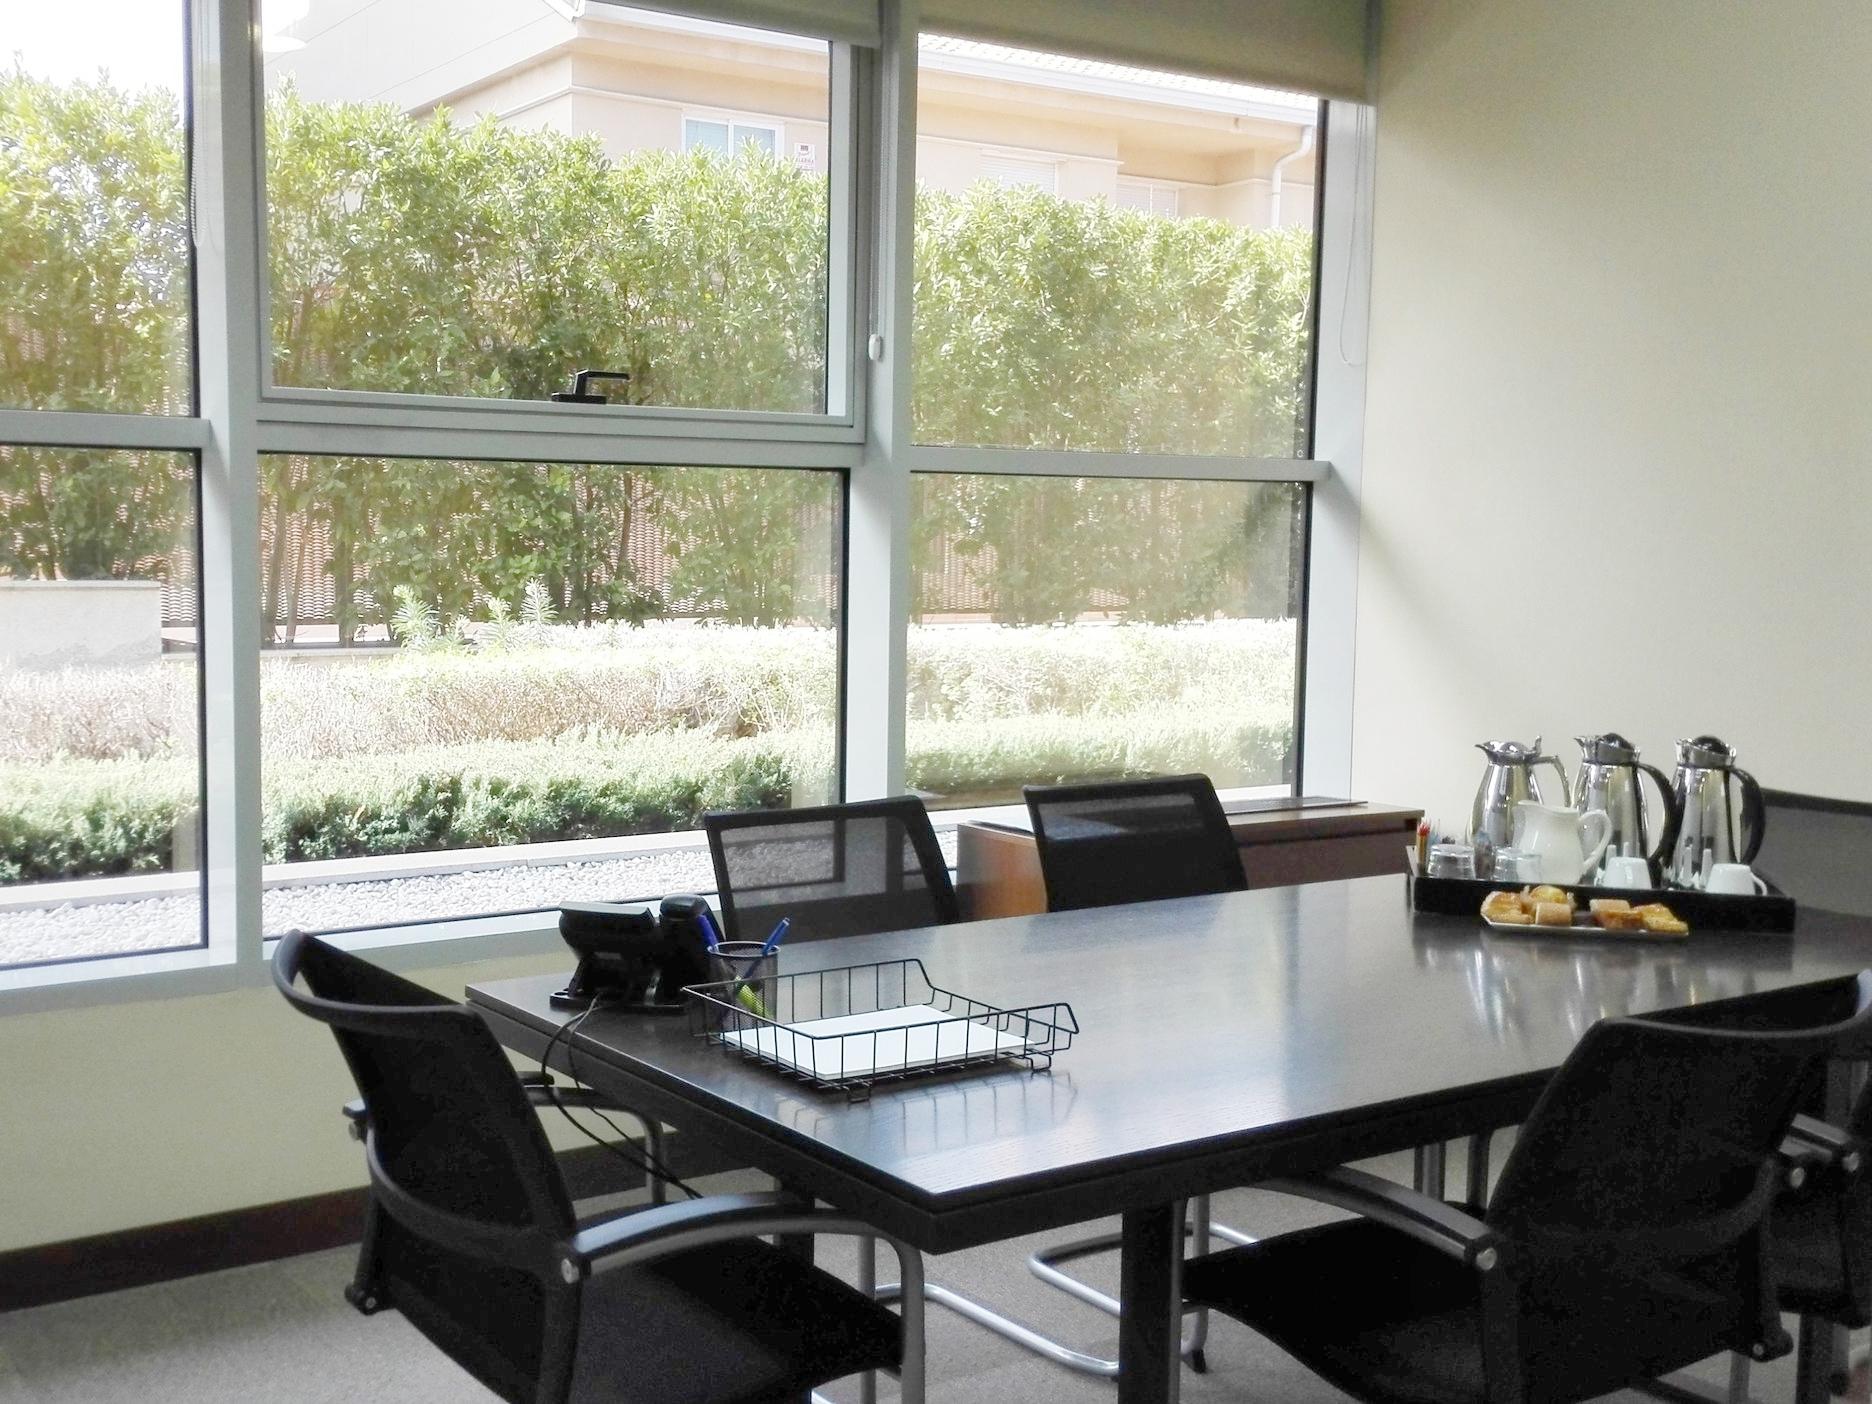 Atención personalizada y servicio de catering - Nuestro equipo de profesionales estará siempre a tu disposición ofreciéndote todo lo que necesites para que la reunión sea todo un éxito.